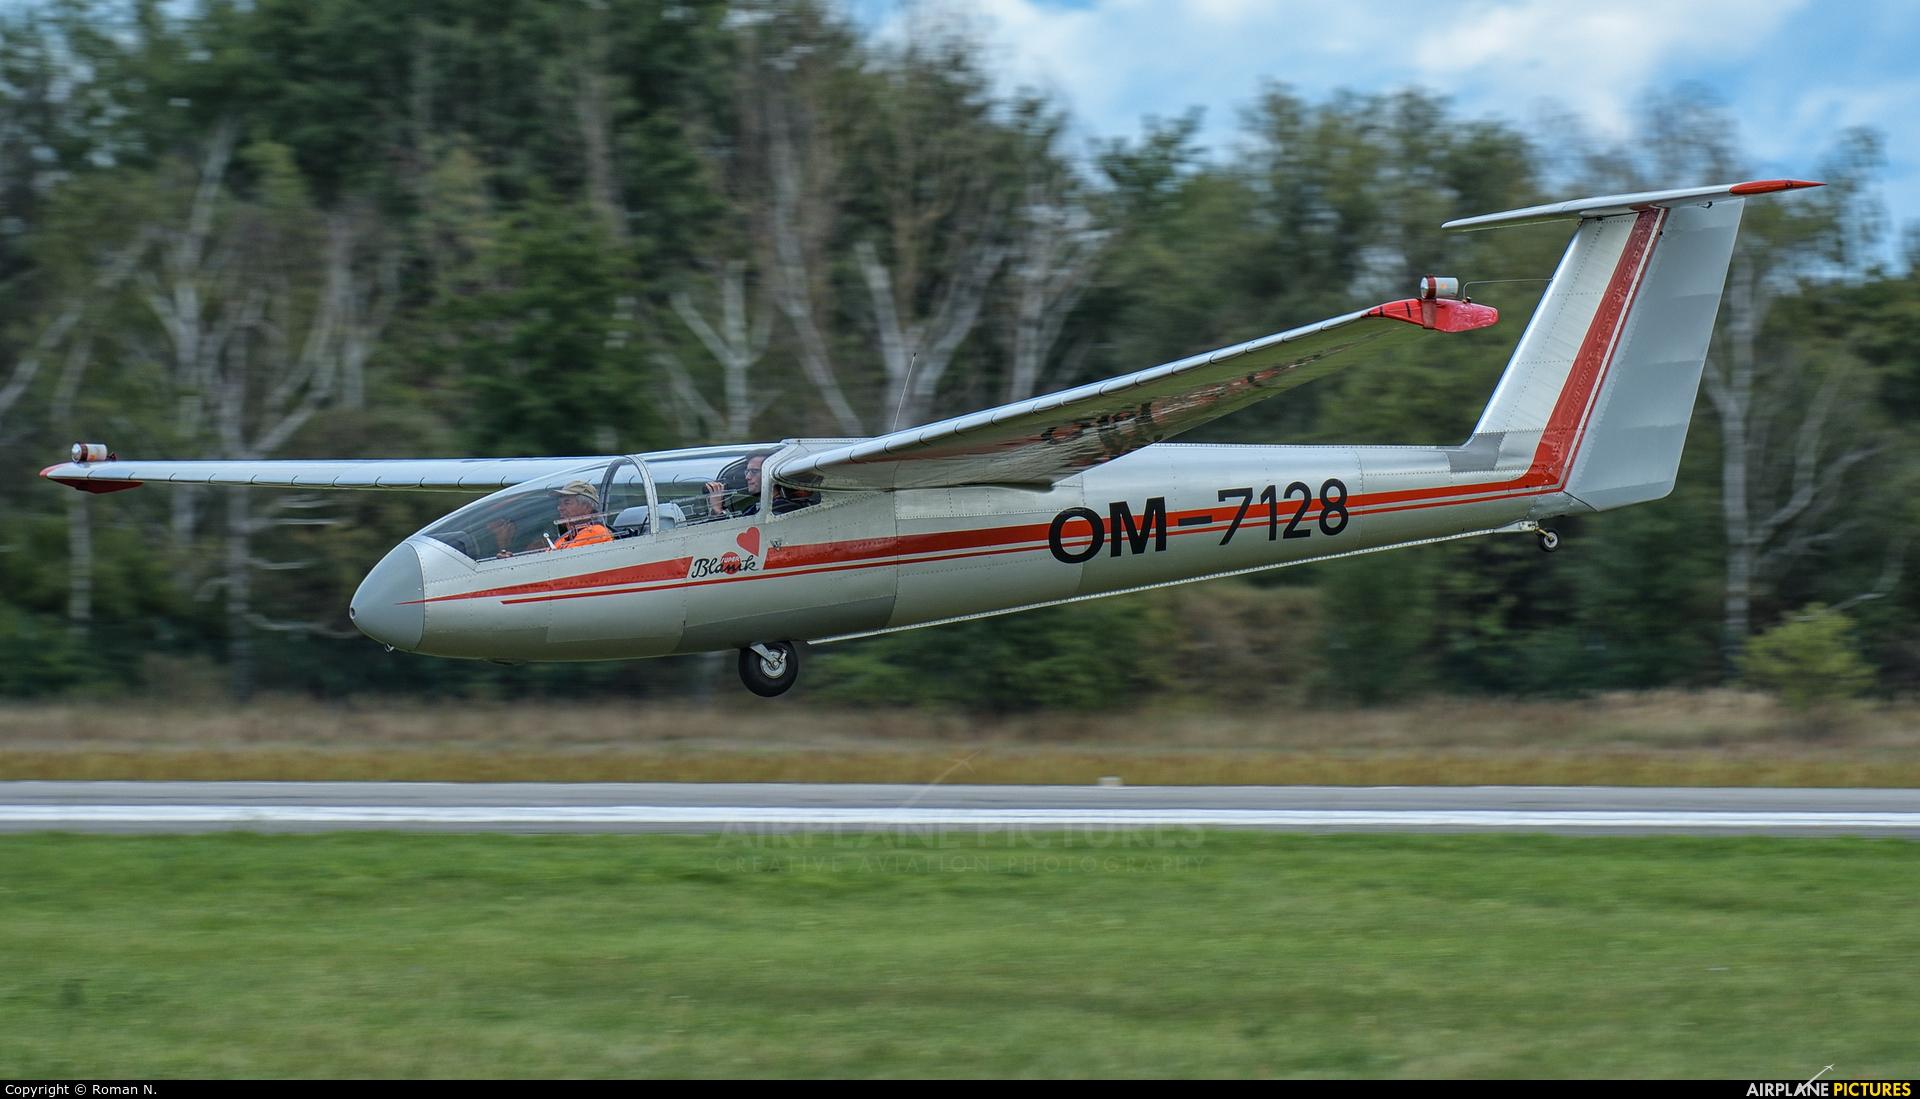 Očovskí bačovia Team OM-7128 aircraft at Hradec Králové